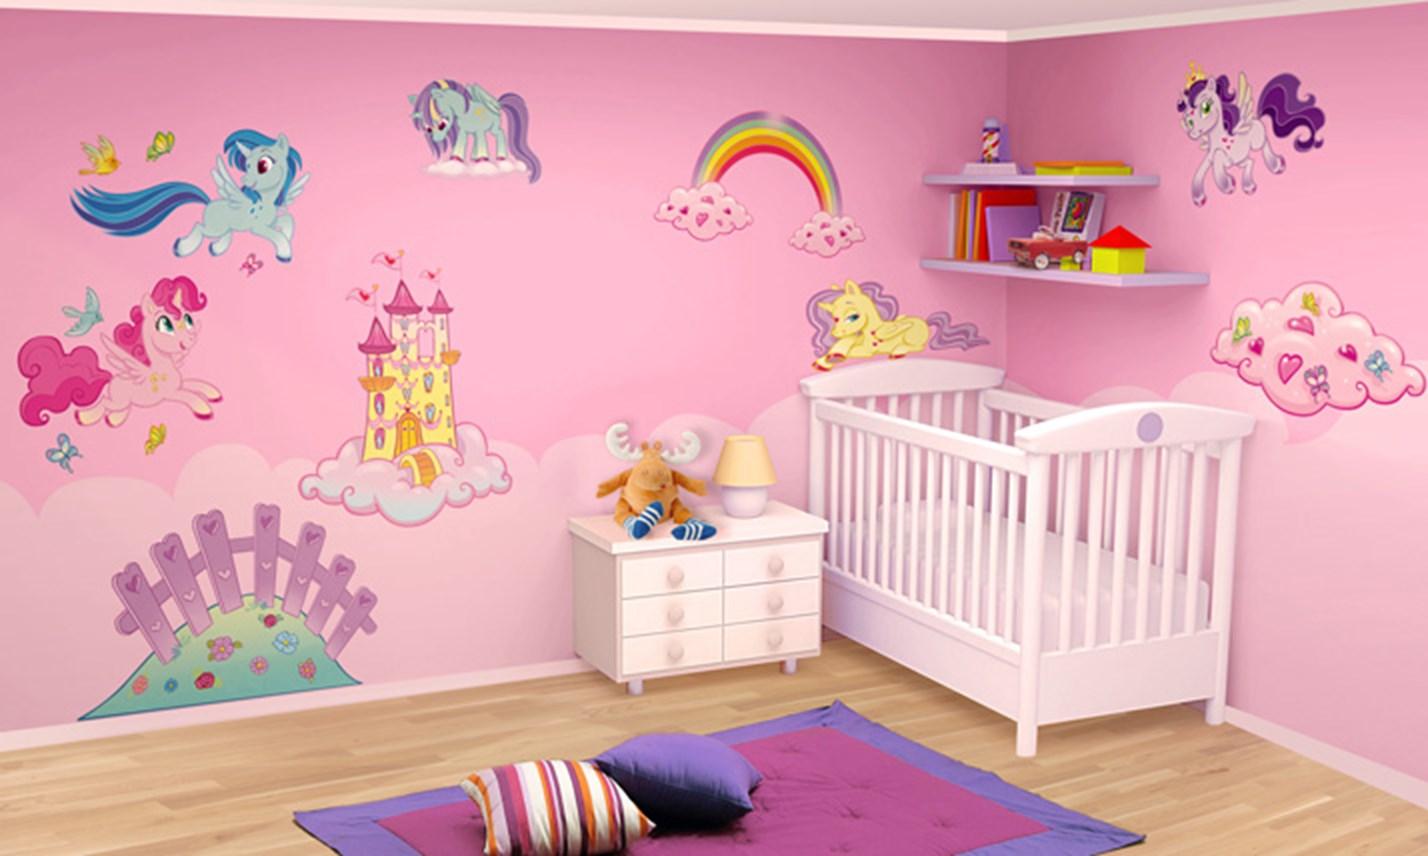 Decorazioni cameretta bambini disegno idea cameretta for Decorazioni stanza neonato